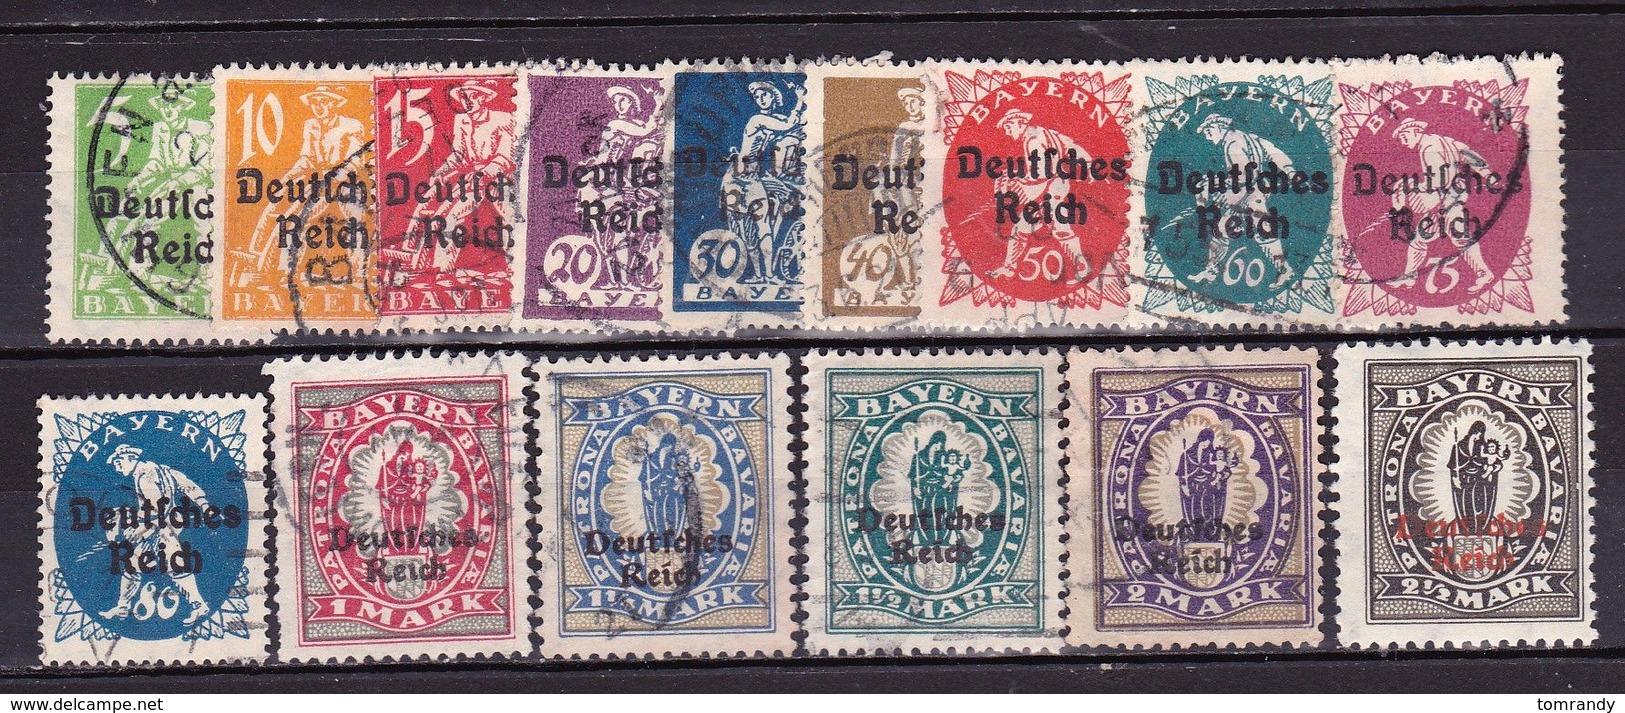 Deutsches Reich 1920 Auf Bayern. Michel: € 45 - Deutschland